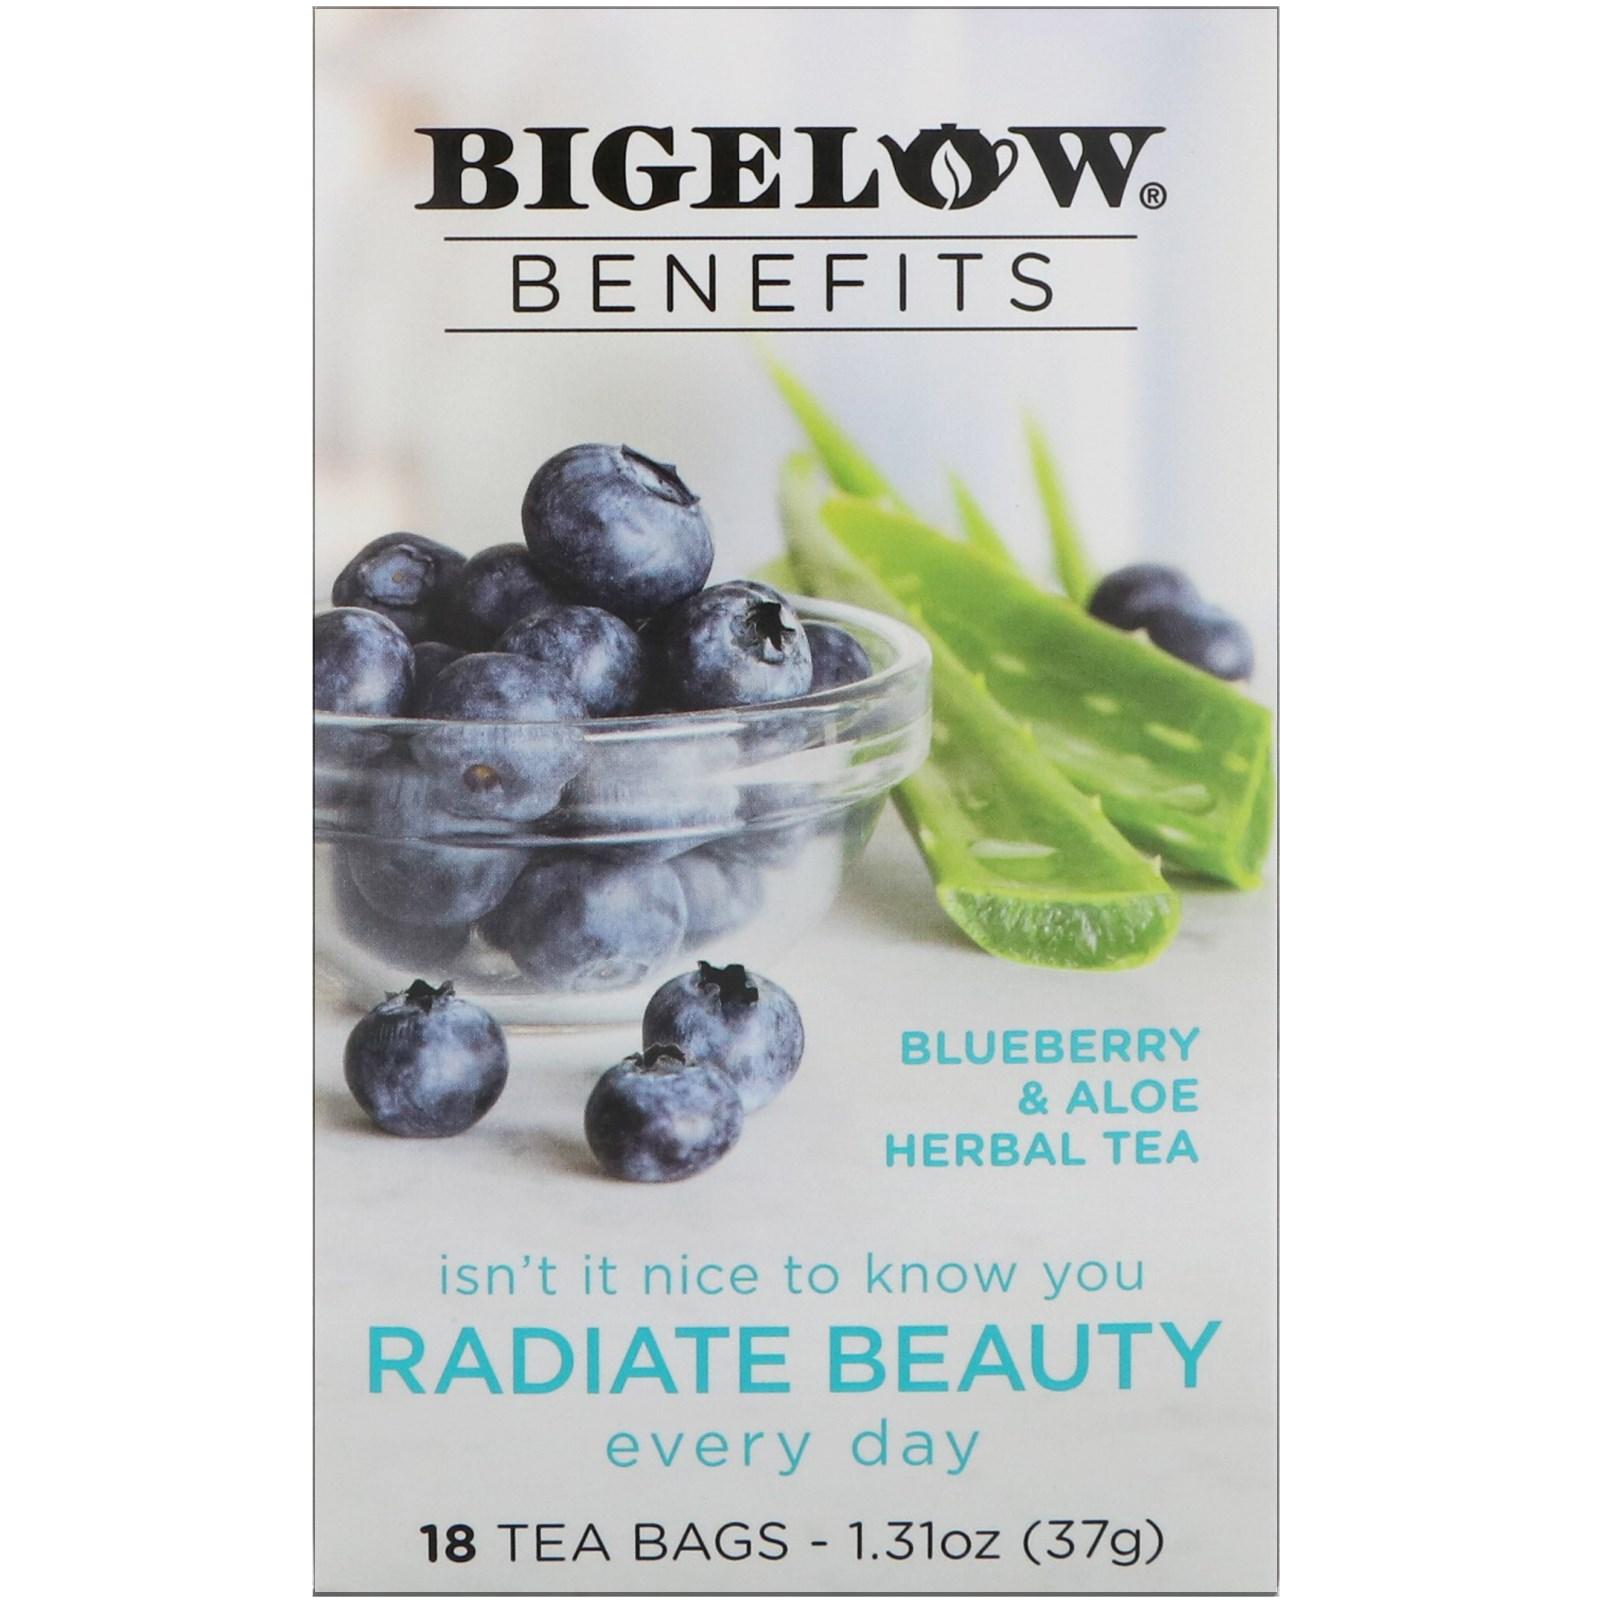 Bigelow, Benefits, Radiate Beauty, Blueberry & Aloe Herbal